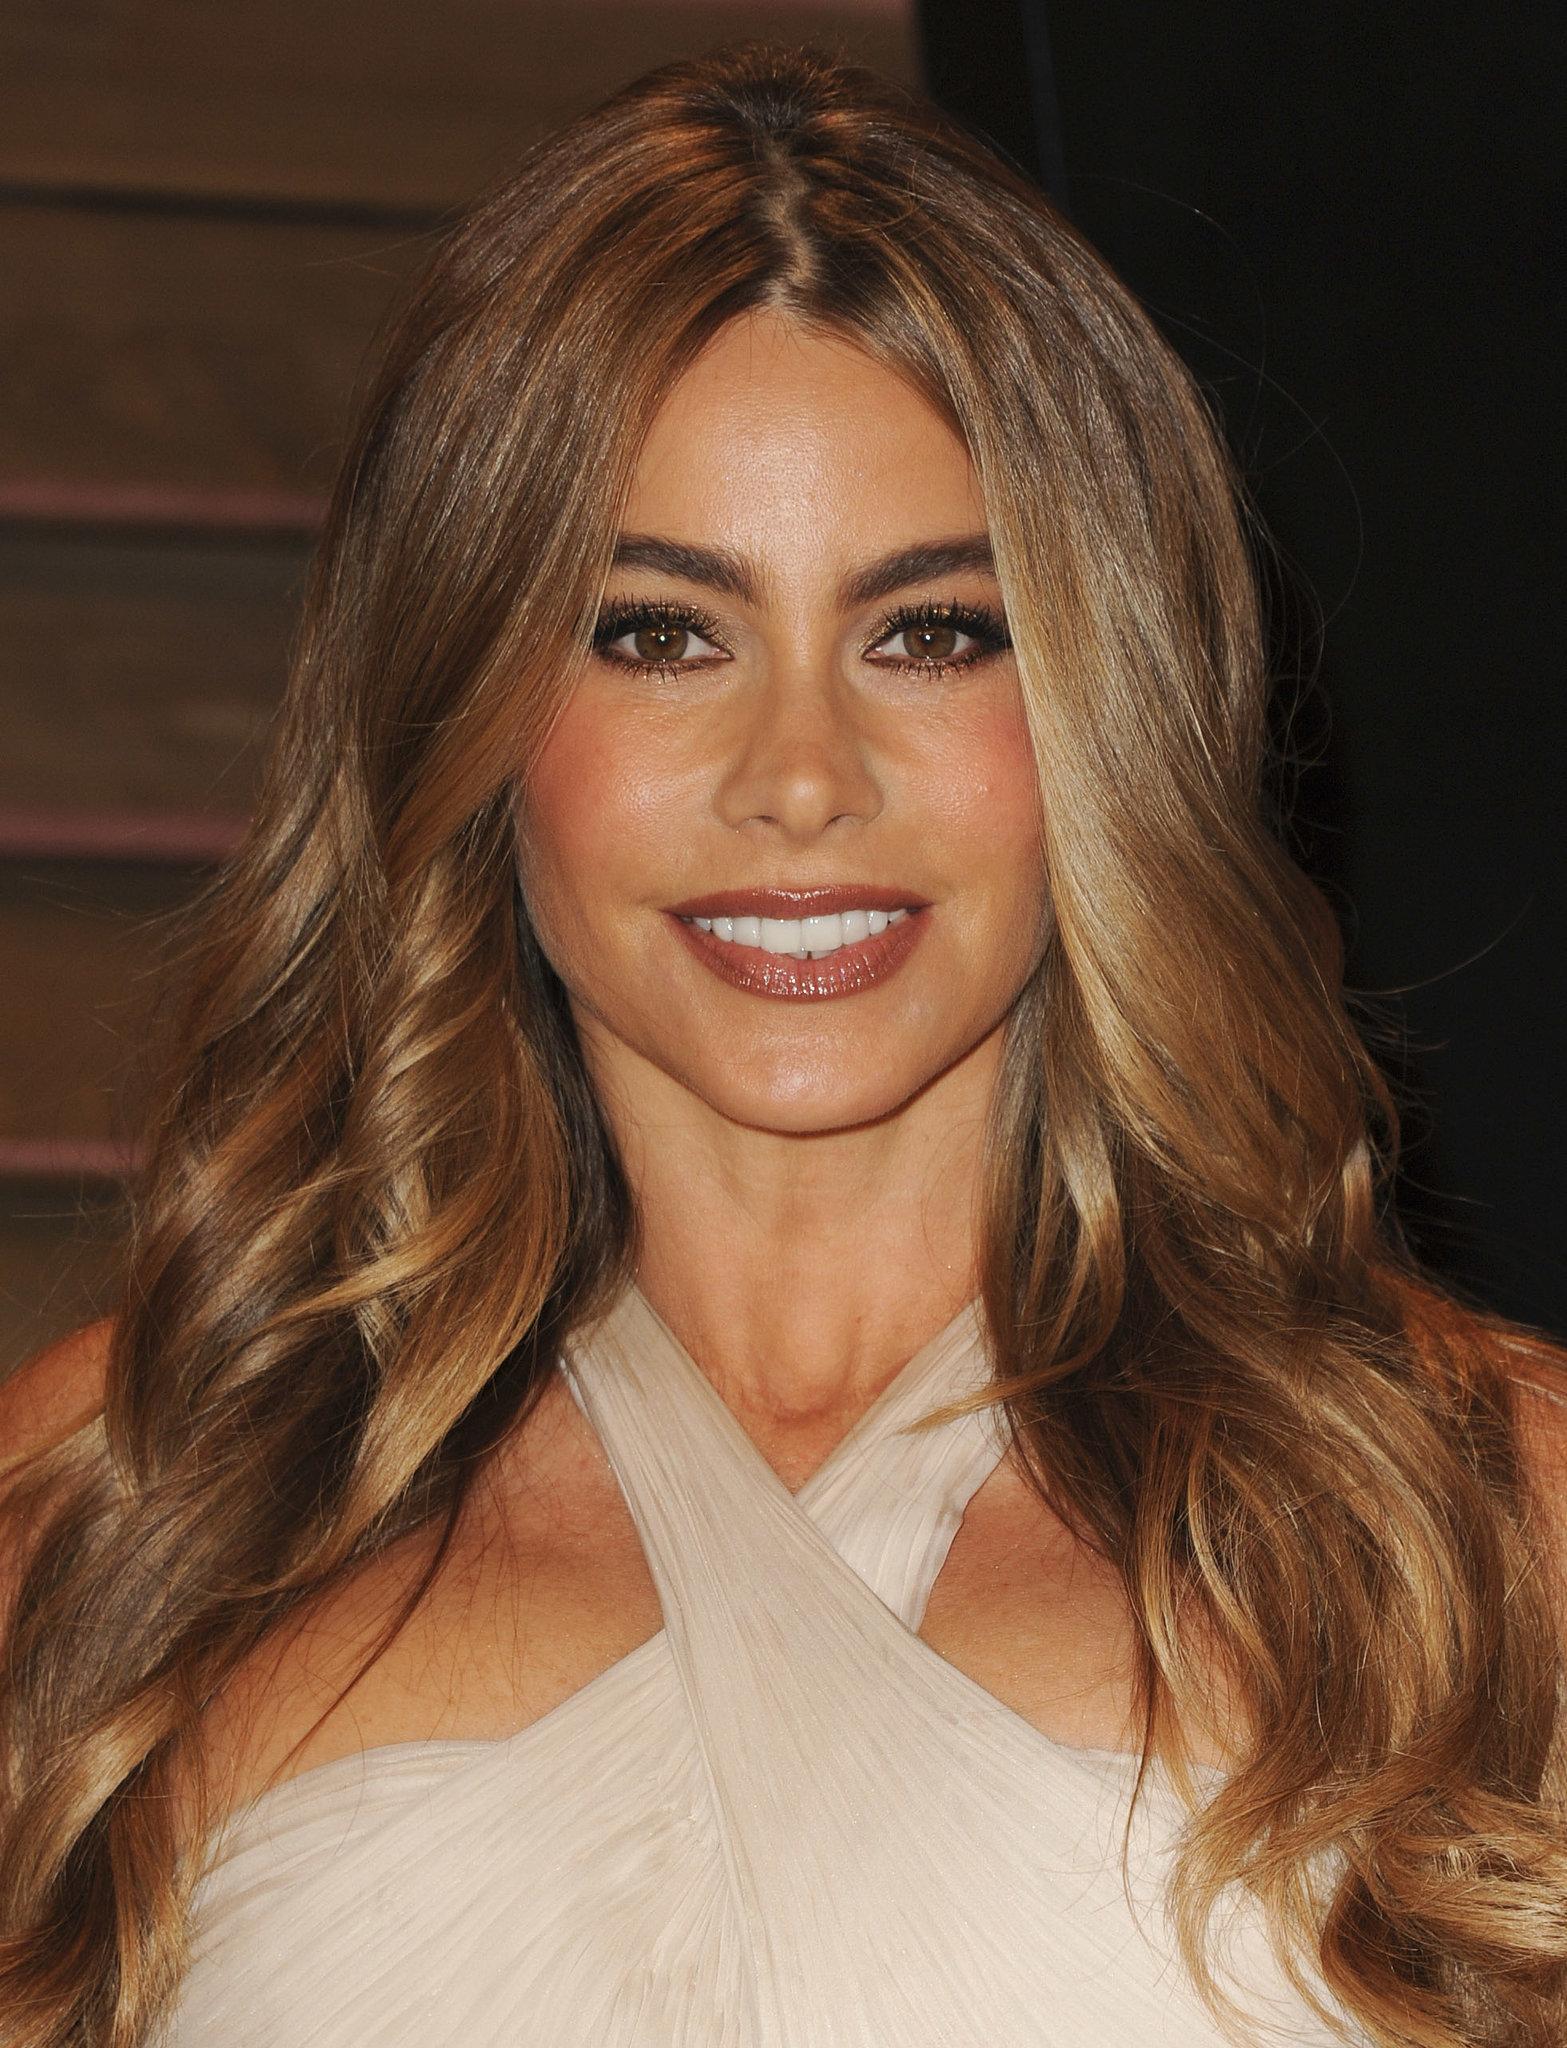 Sofia Vergara, 41